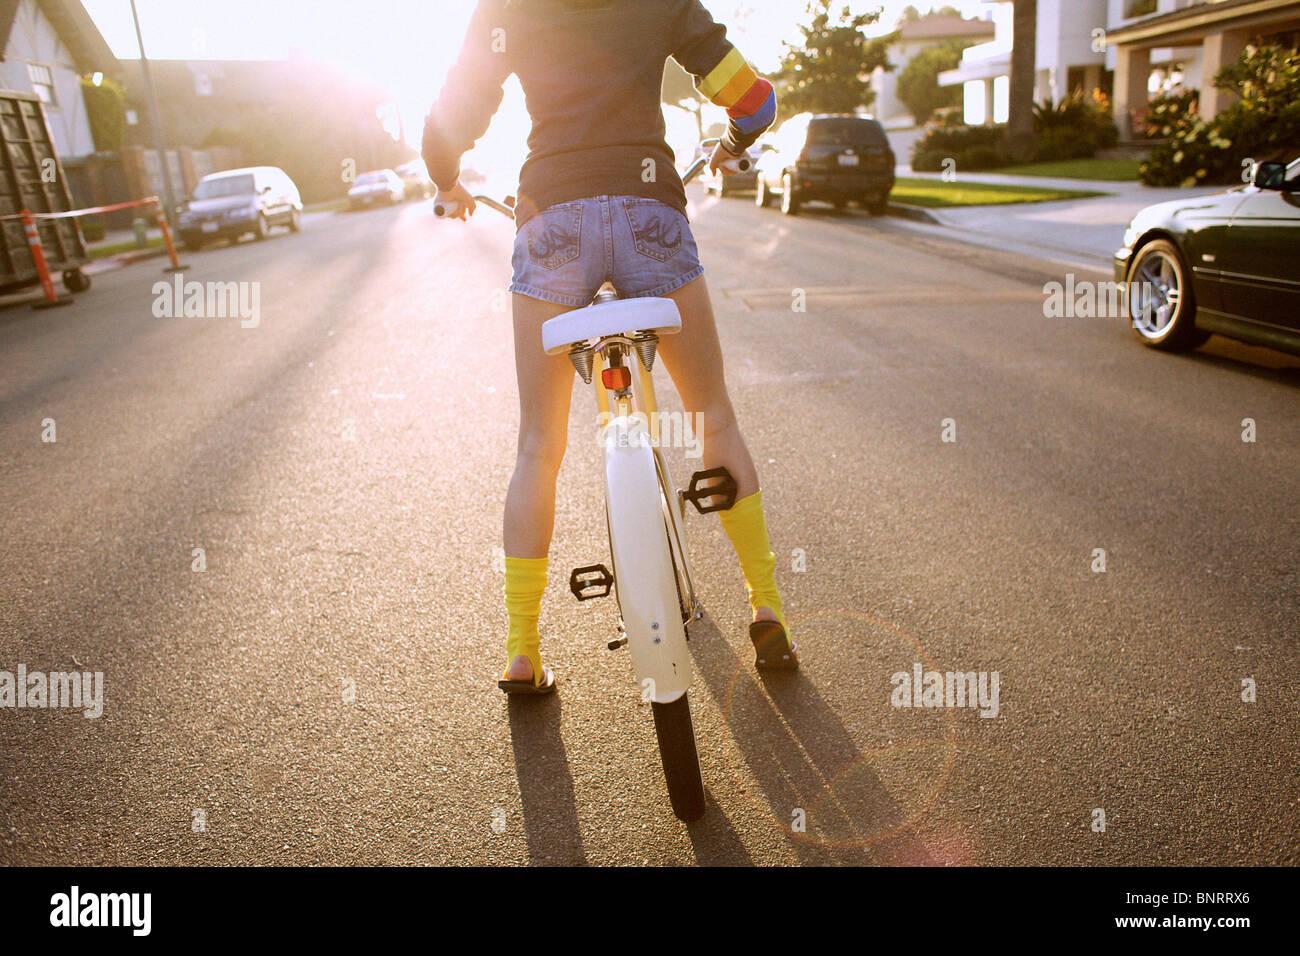 Mujer joven llevaba calcetines y una sudadera con capucha amarillo se prepara para iniciar montando una bicicleta. Imagen De Stock